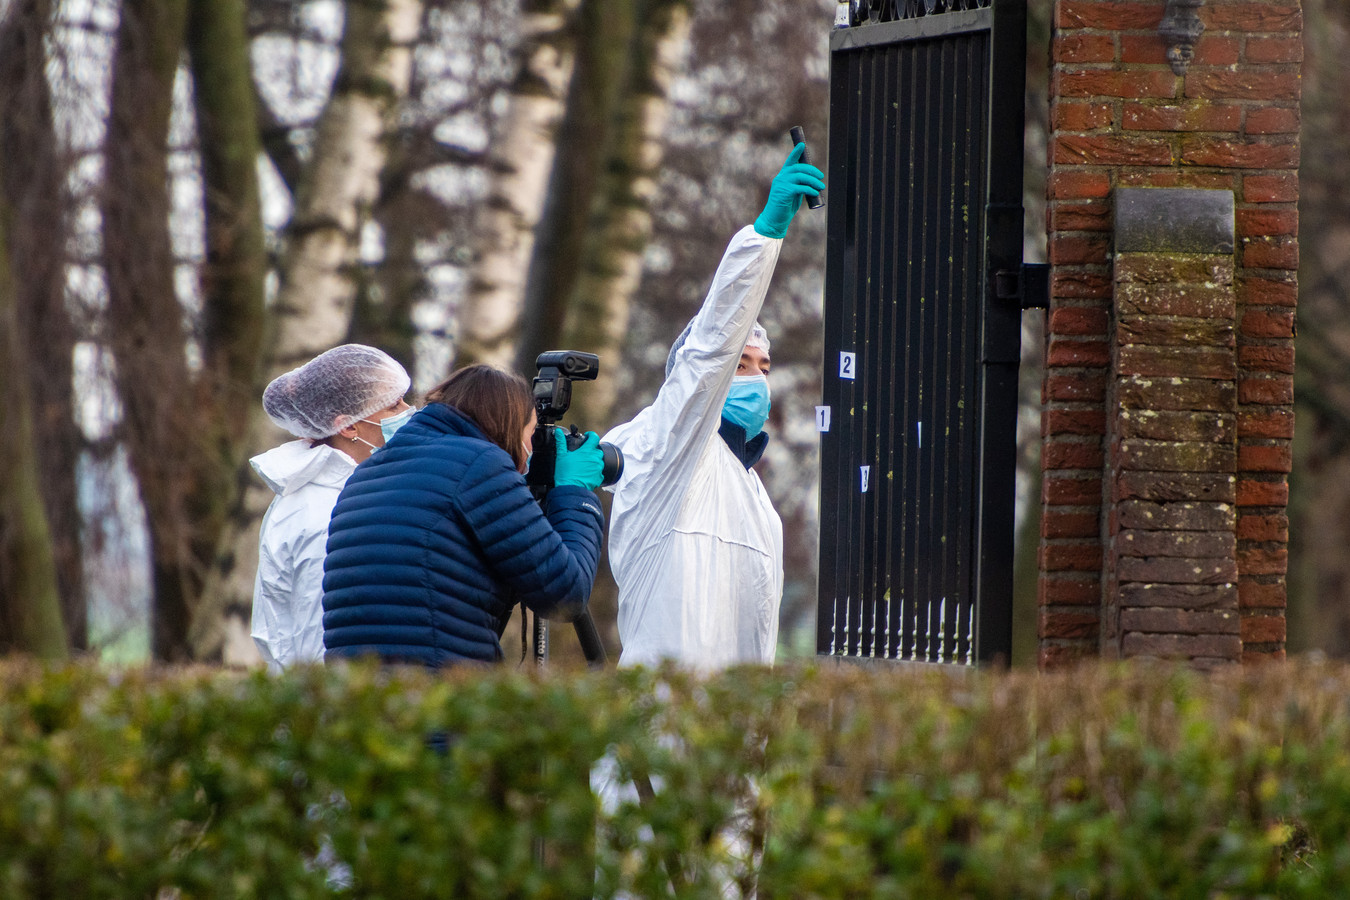 Aan de Hofdijklaan in Oud Ade is een man op 29 december vorig jaar door een misdrijf om het leven gekomen.